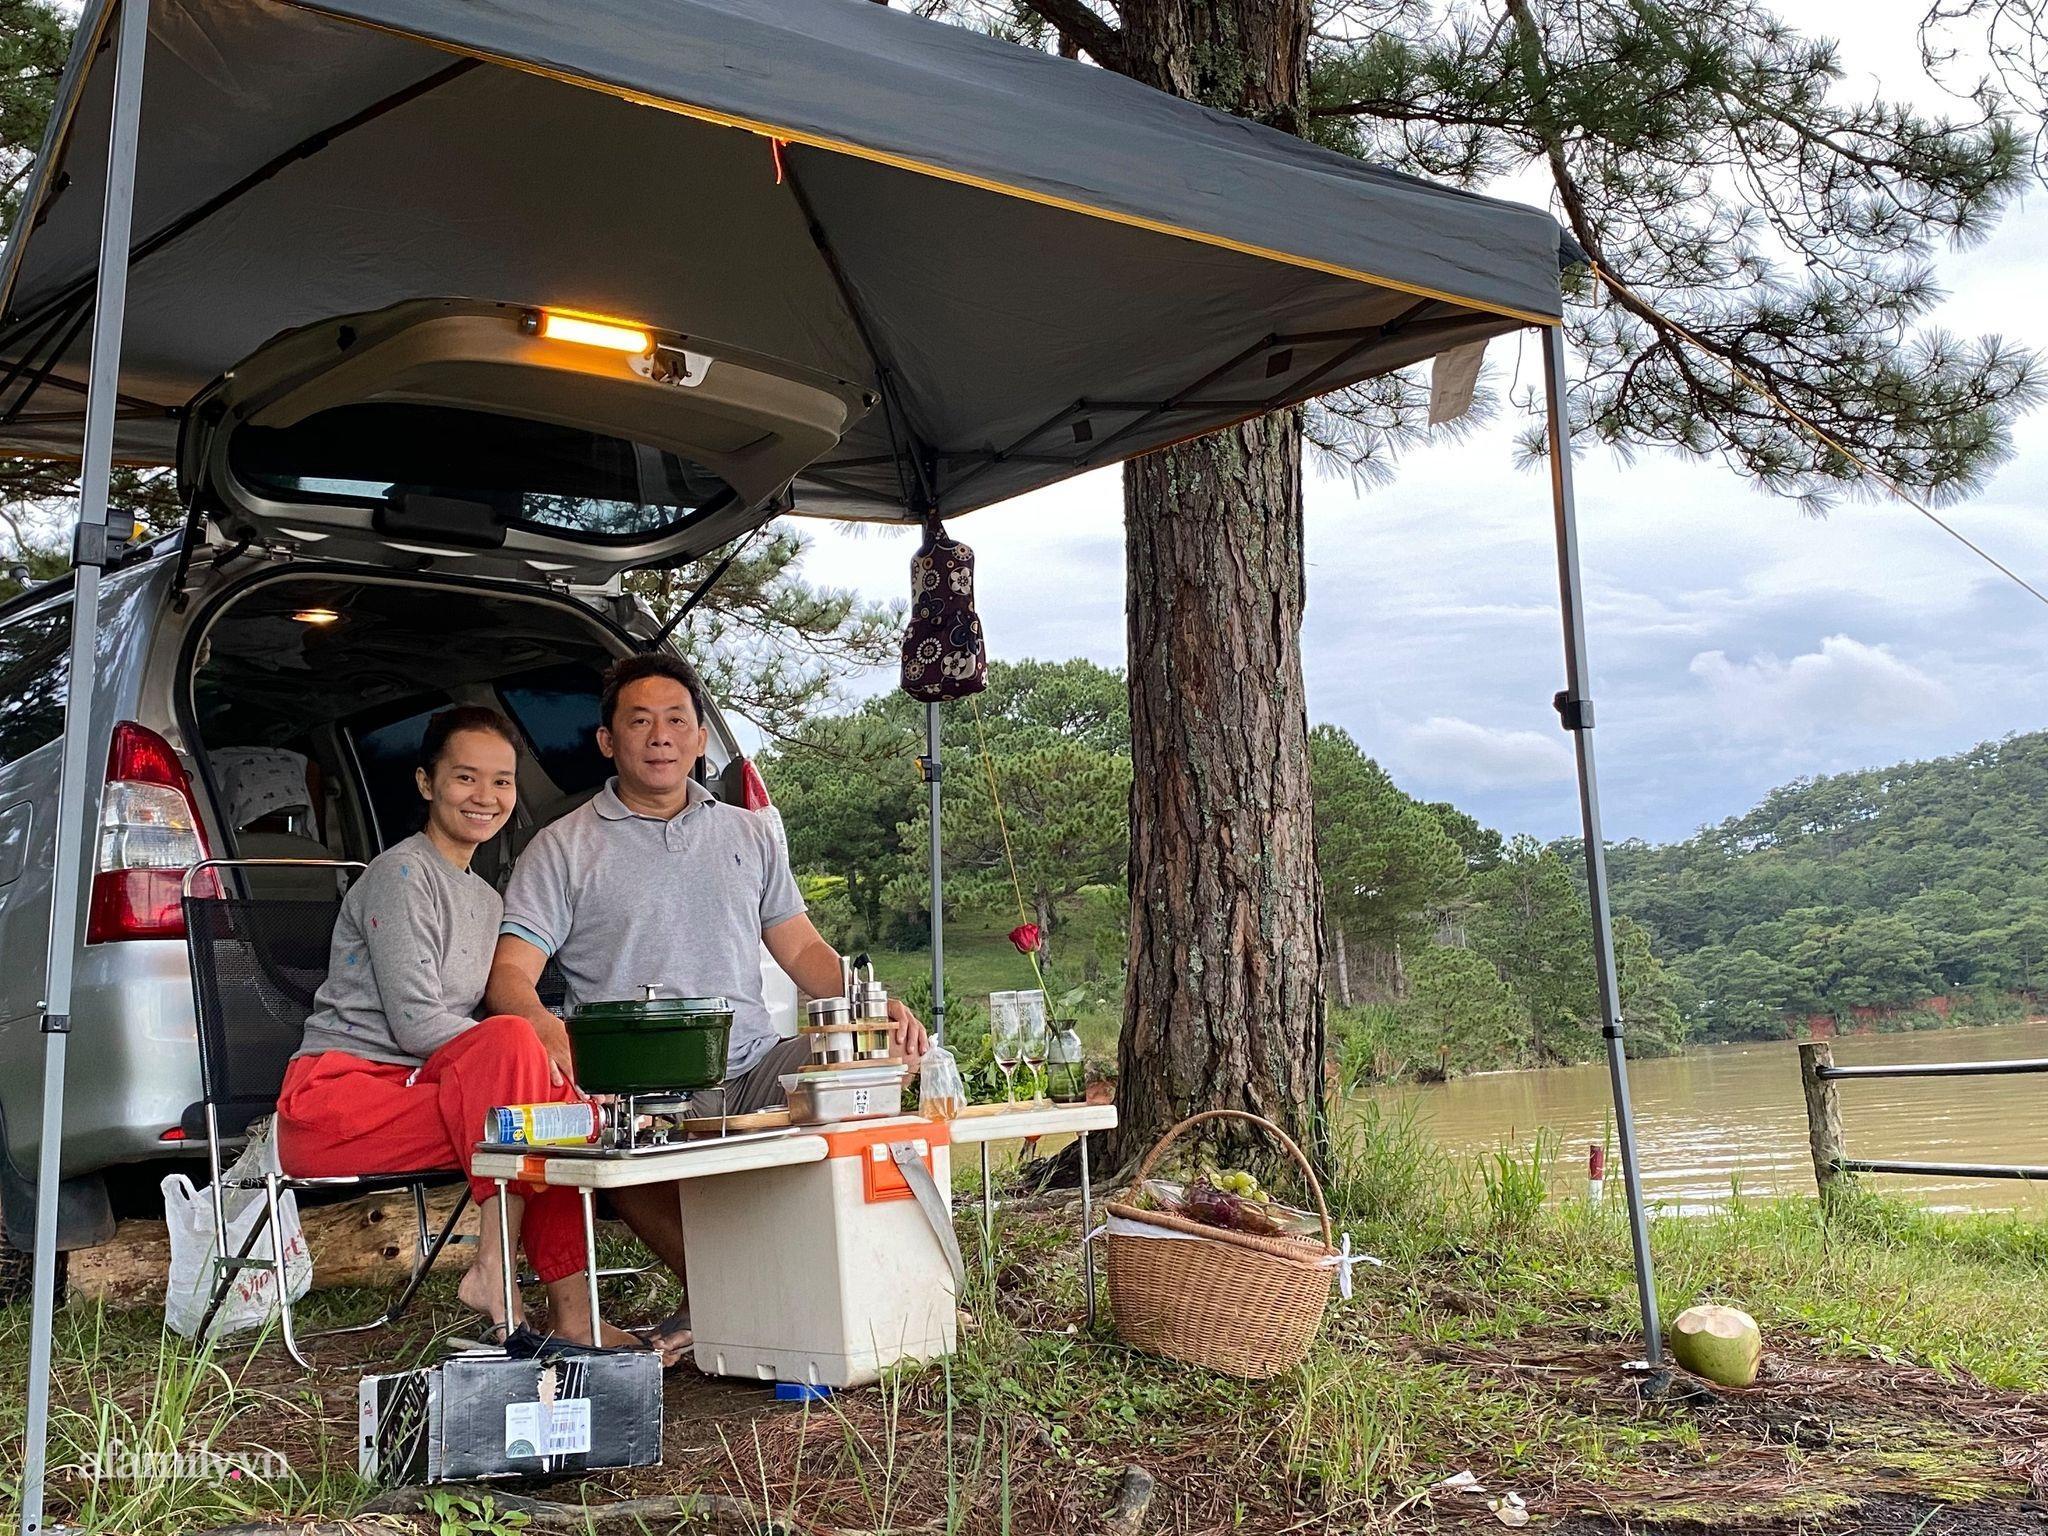 Cặp vợ chồng biến ô tô thành lều trại đi camping khắp nơi, tiện đâu ngủ đó mà sang trọng không thua khách sạn - Ảnh 2.